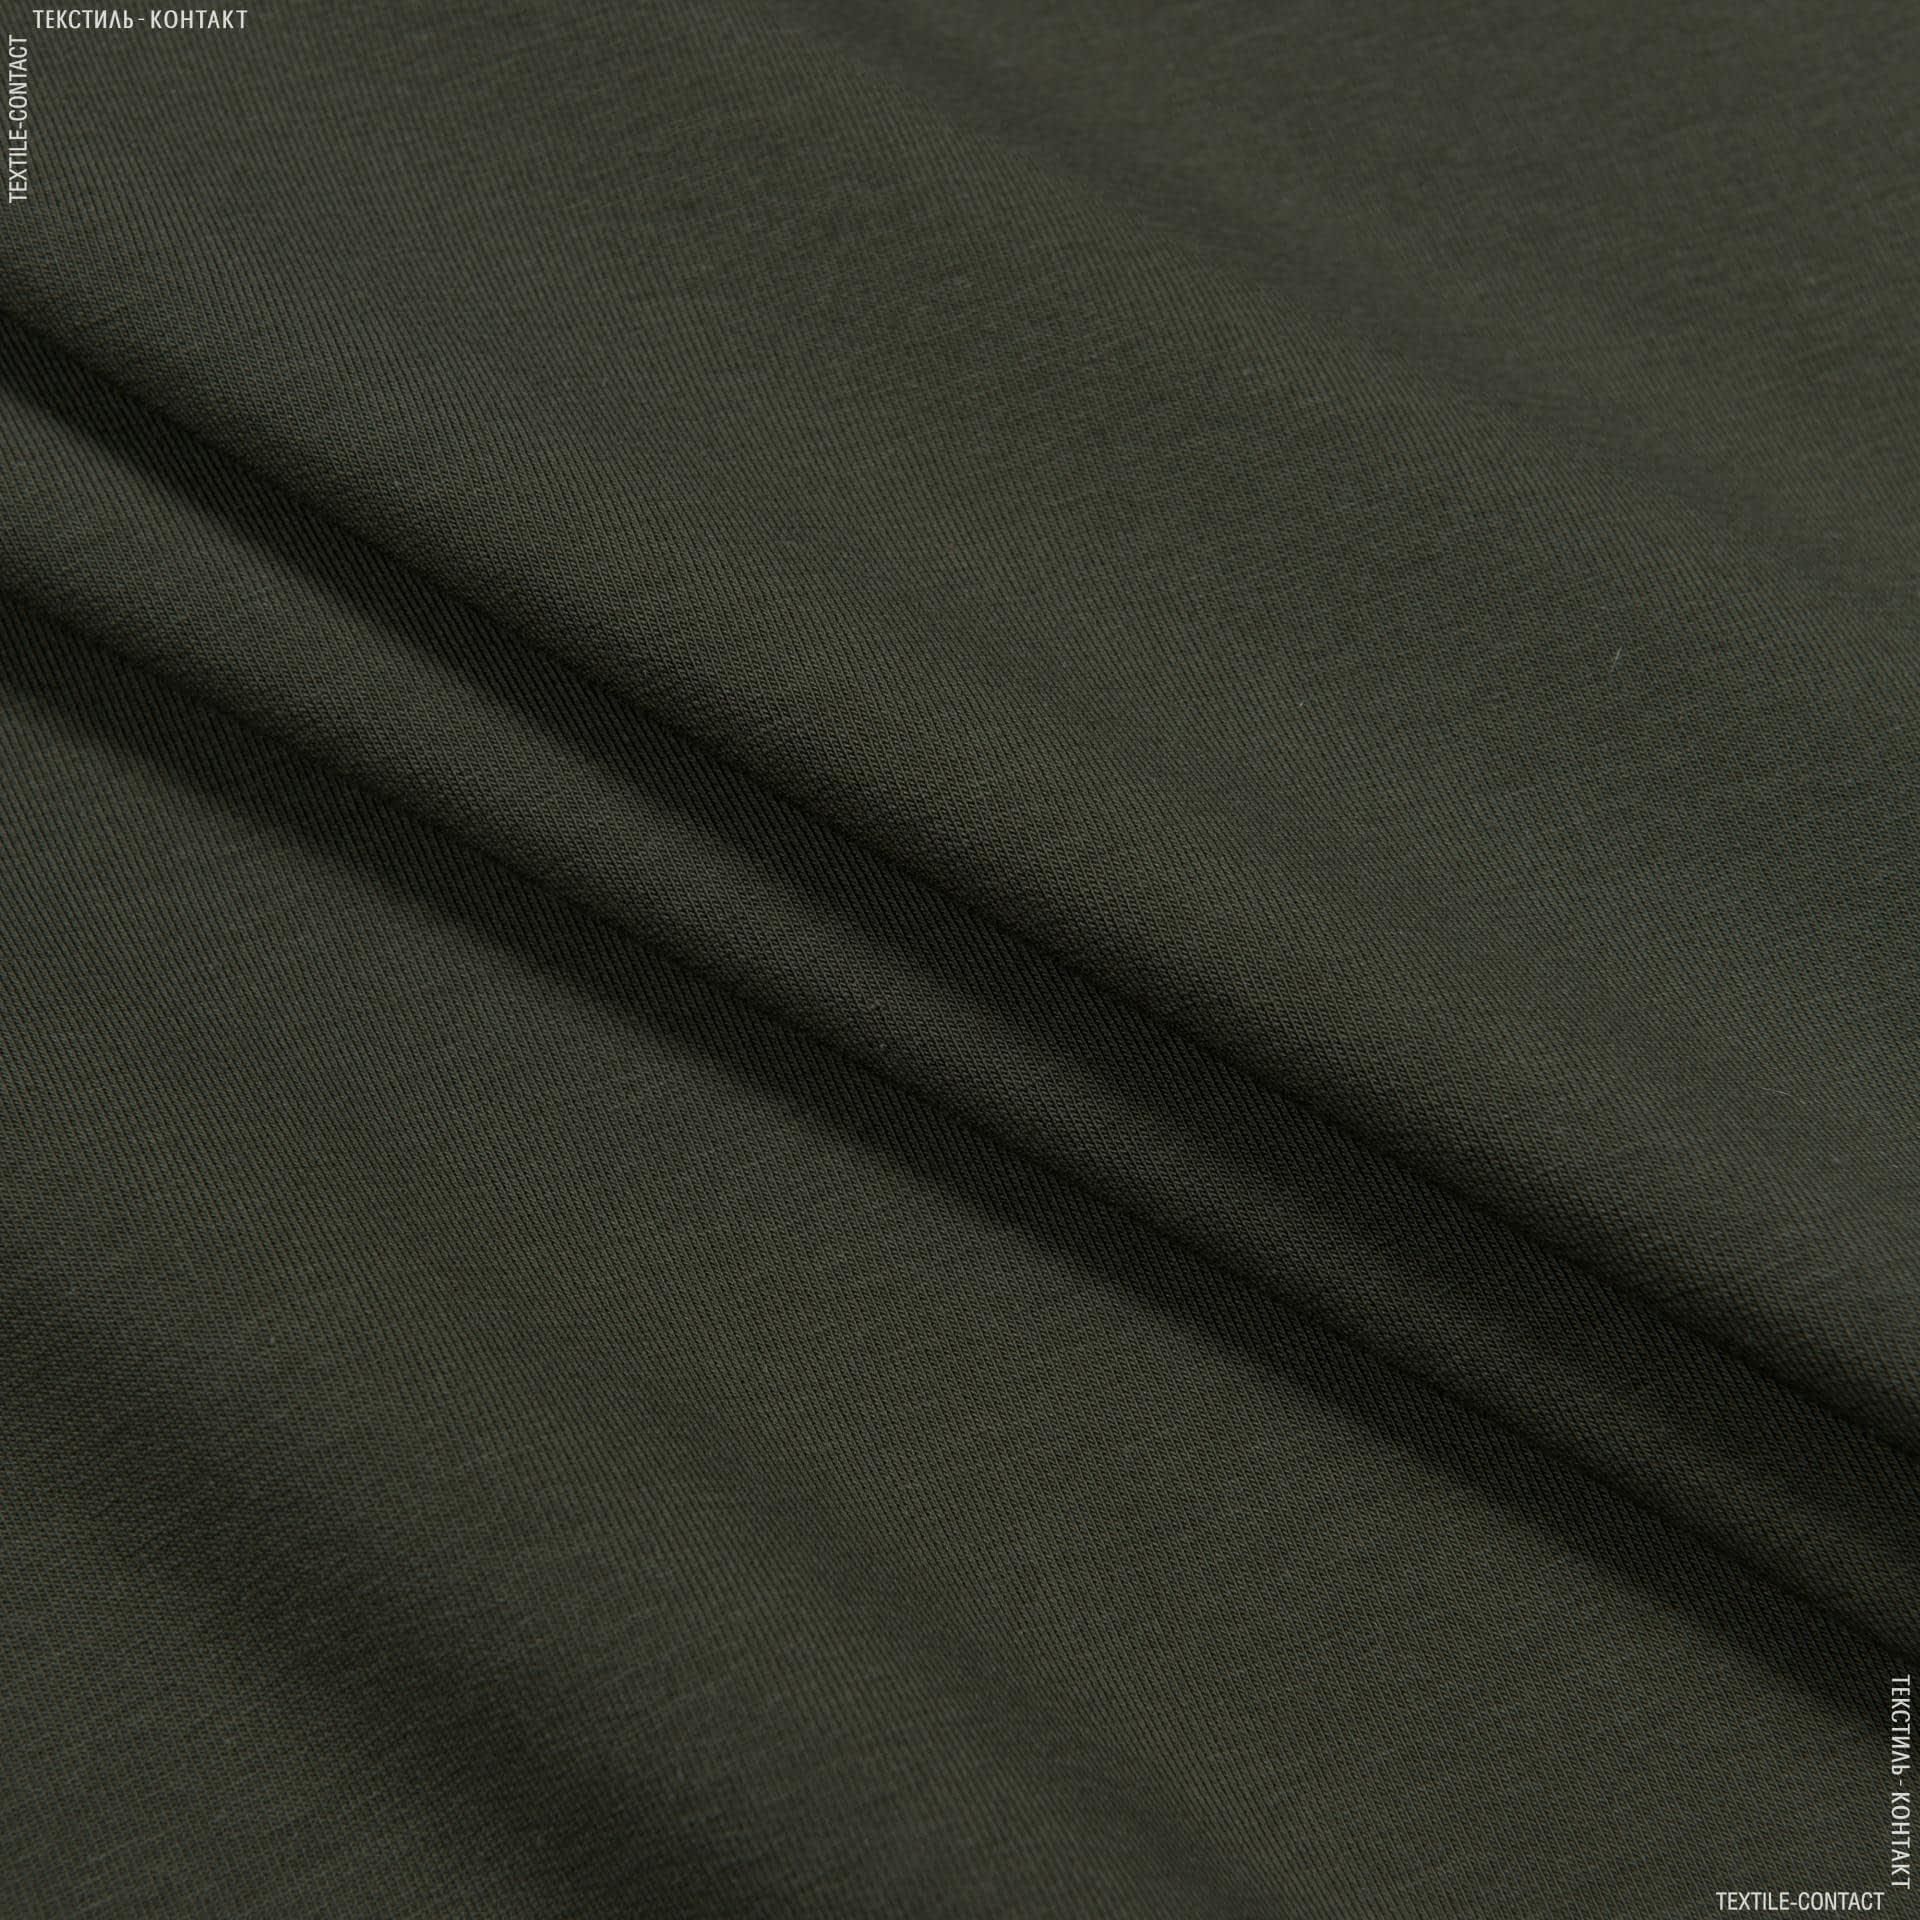 Ткани для спортивной одежды - Футер-стрейч двухнитка темный хаки